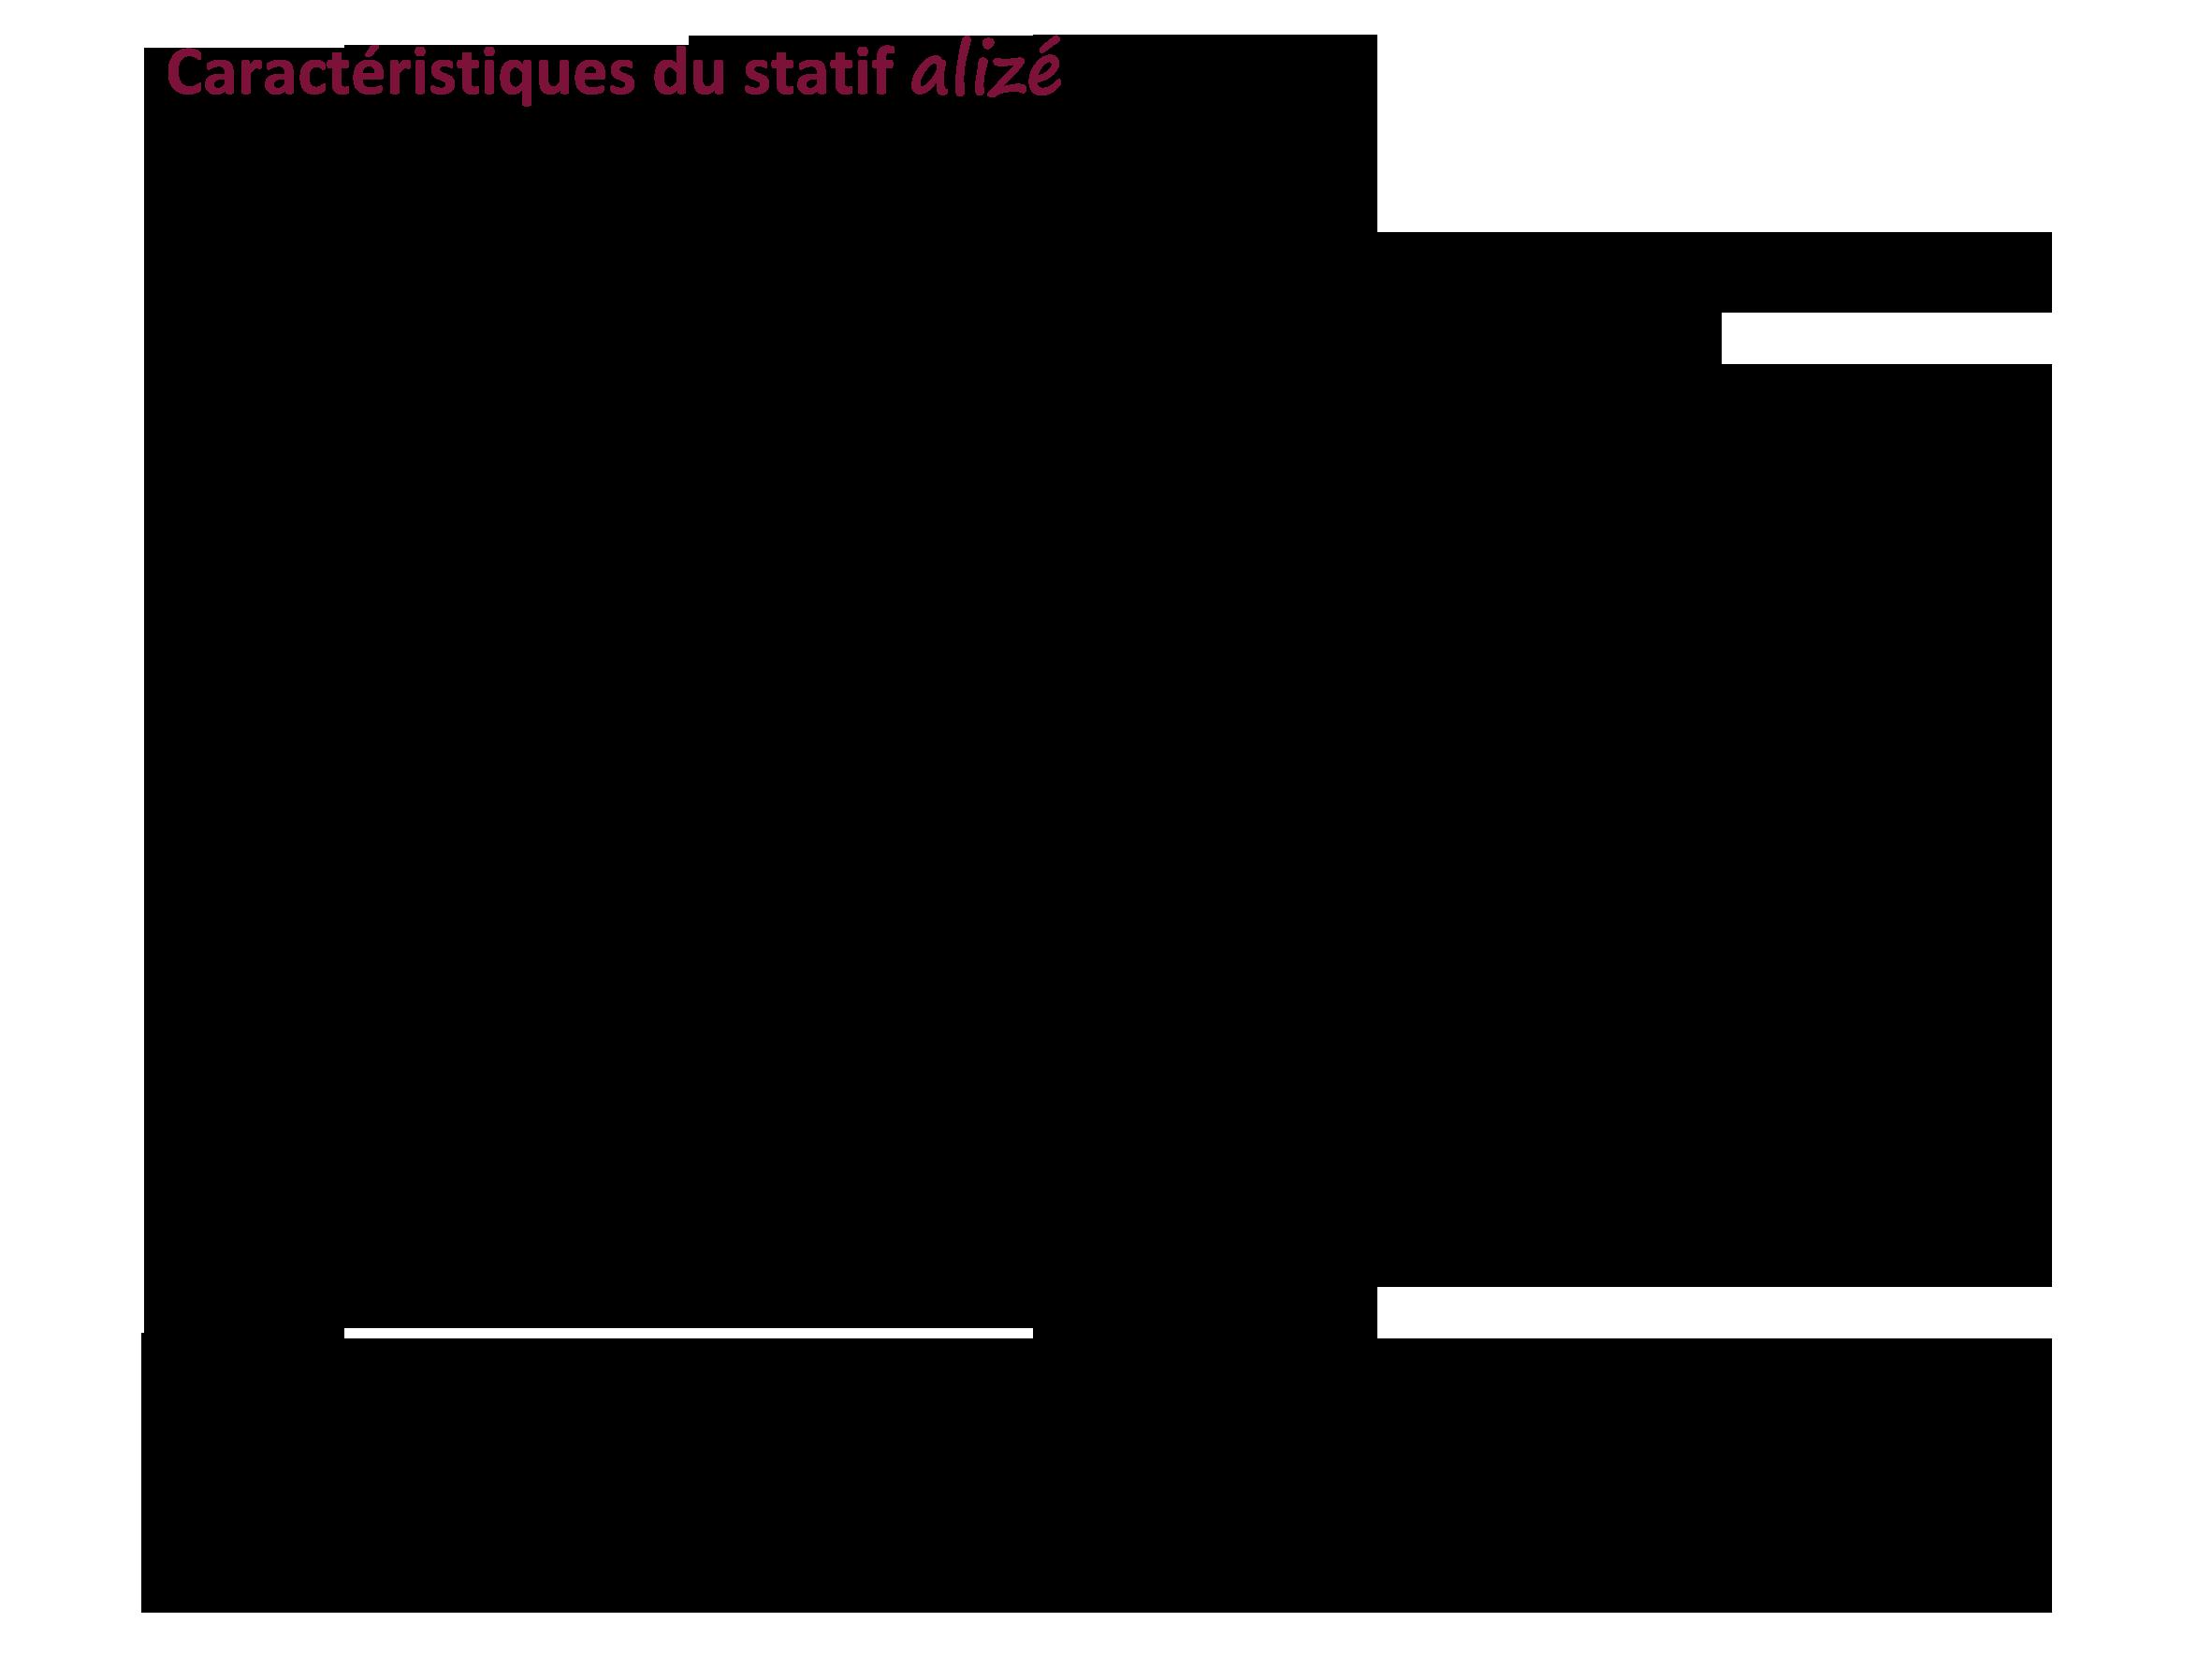 ALIZE-MT-DR-IDETEC-Fr-DATA-4.png